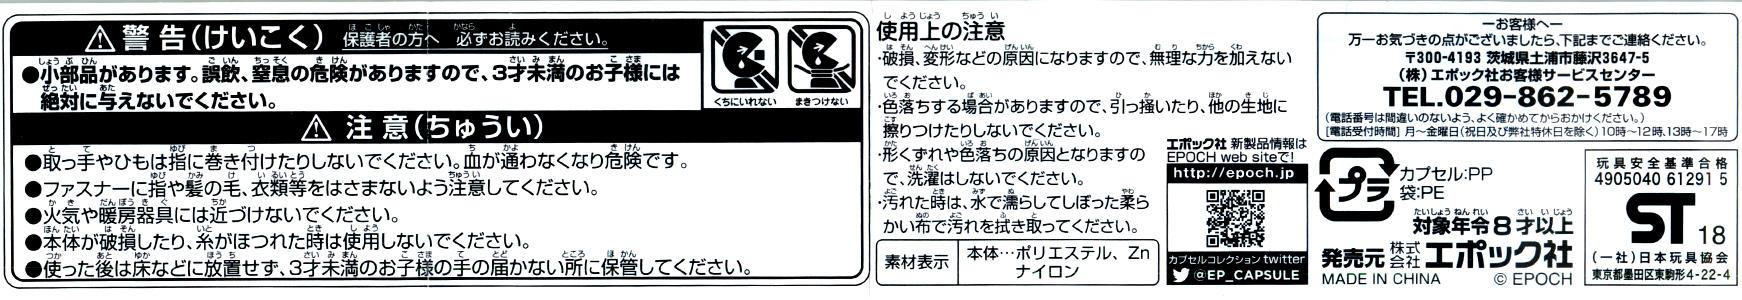 柴犬おさんぽグッズ [エポック]